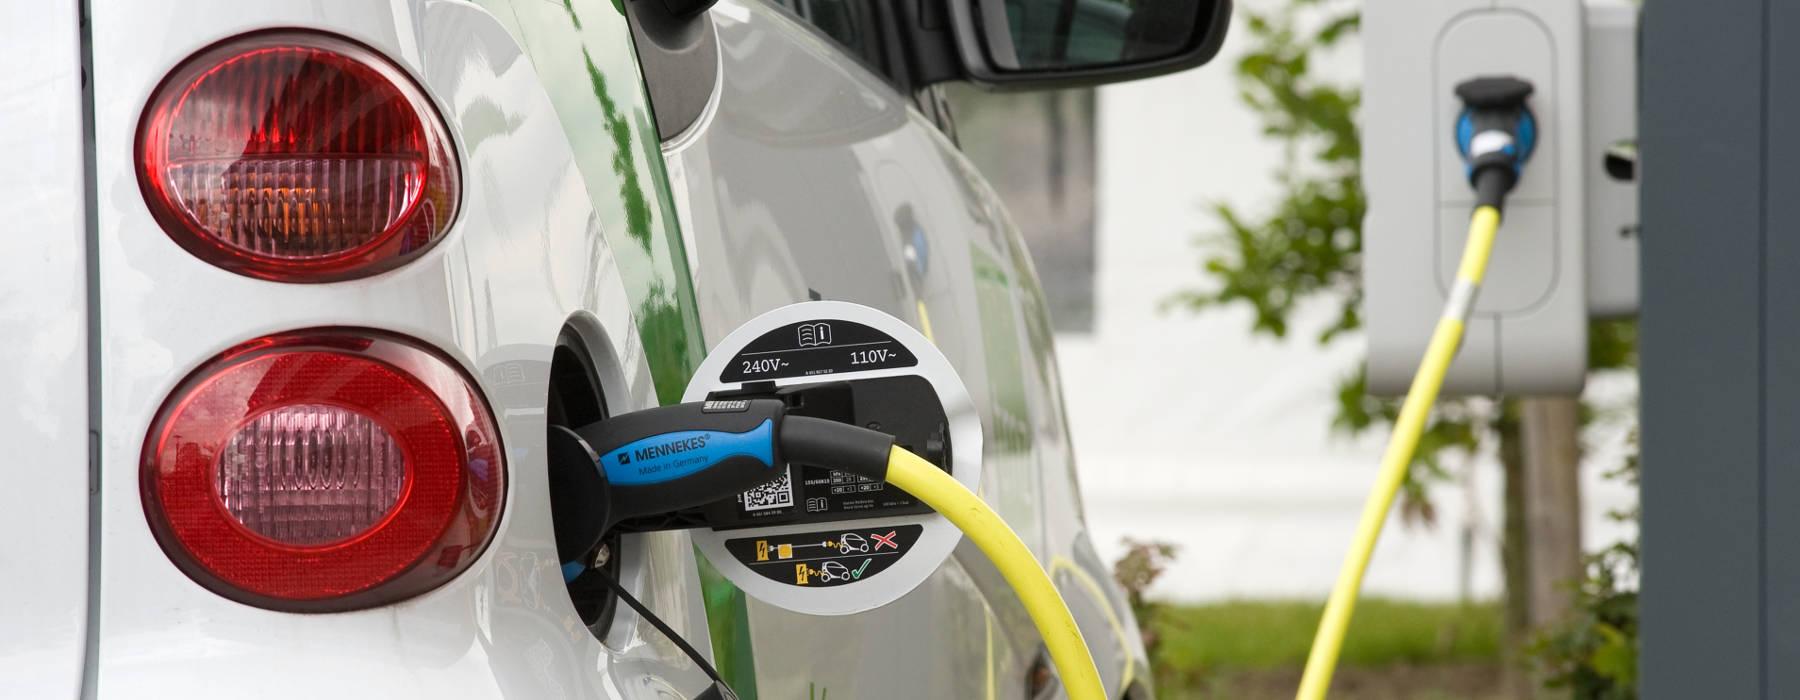 Nijs FNP - Enerzjy en duorsumens - Elektryske auto